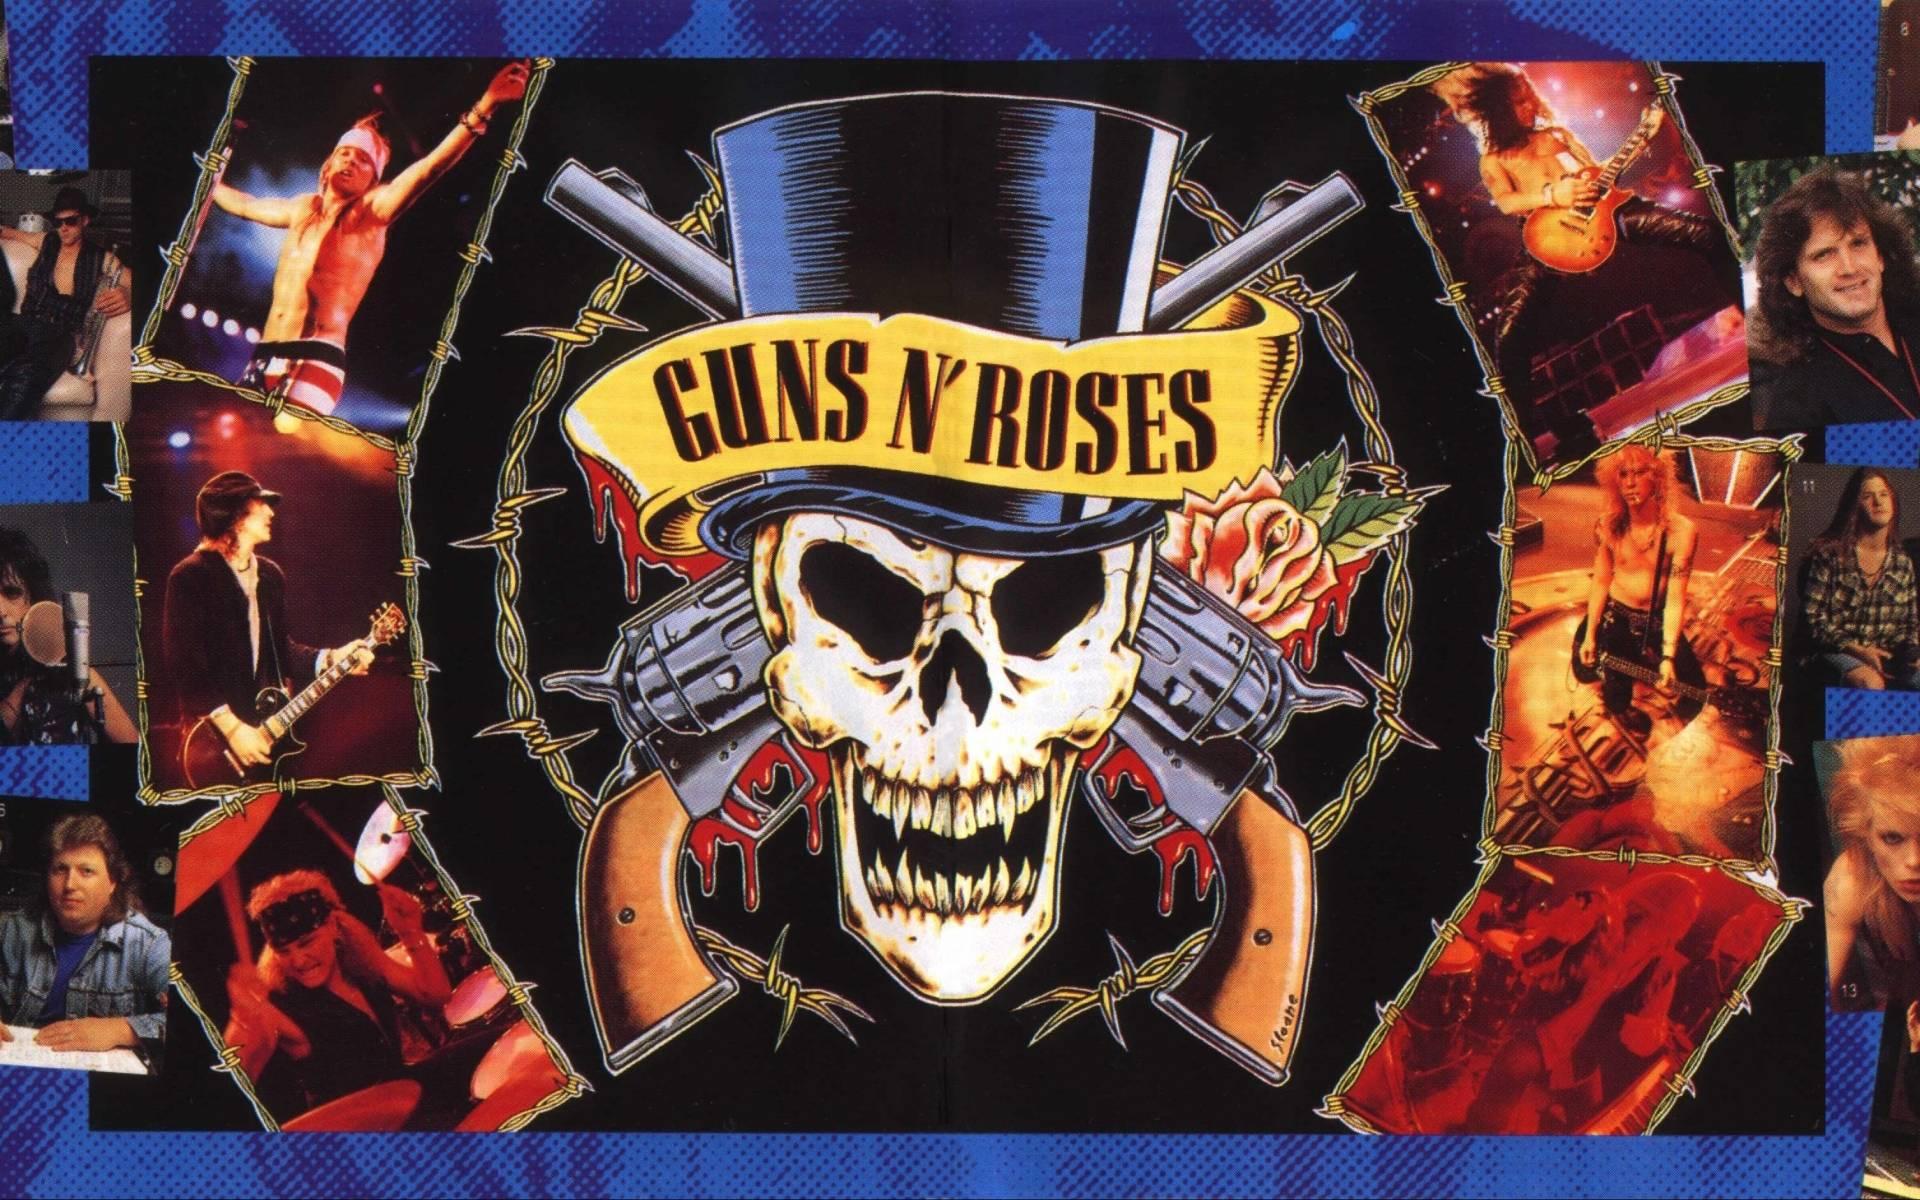 Guns N Roses Wallpaper: Guns And Roses Wallpapers